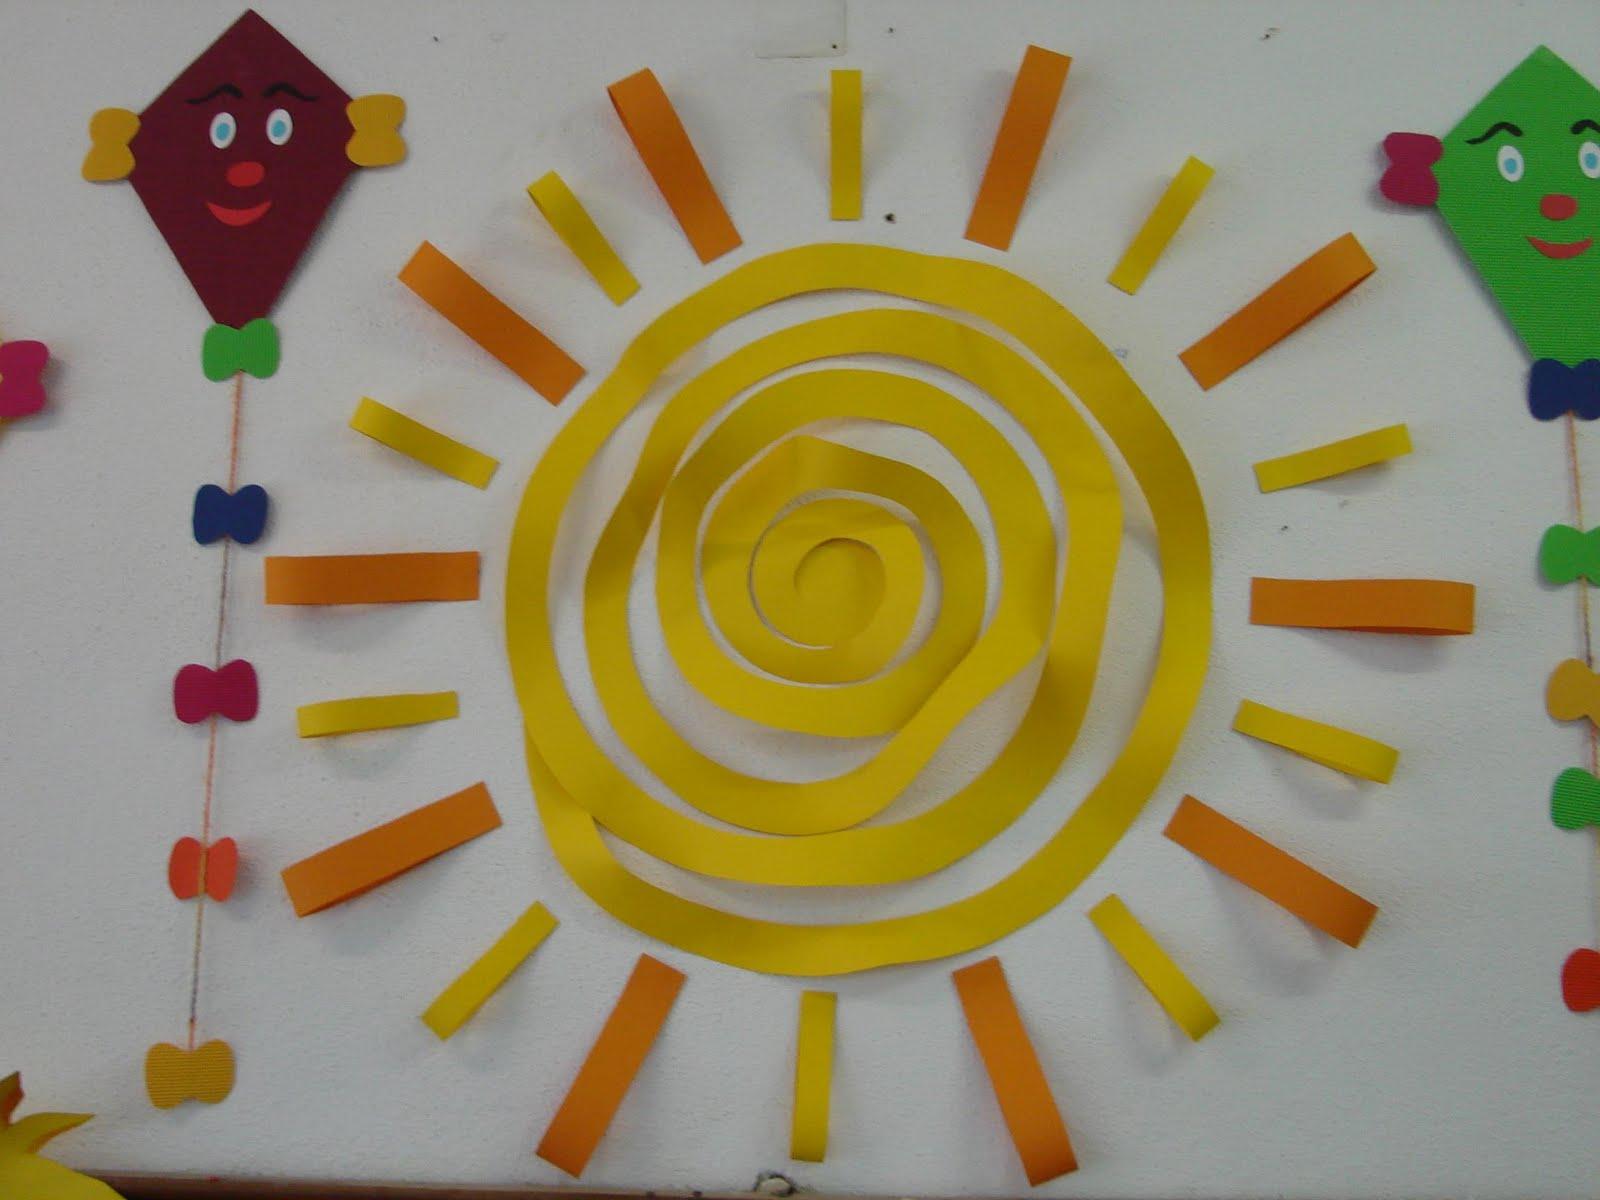 """ideias para trabalhar no jardim de infancia: ideias trabalhadas no Jardim de Infância relativas ao tema """" Tempo de"""